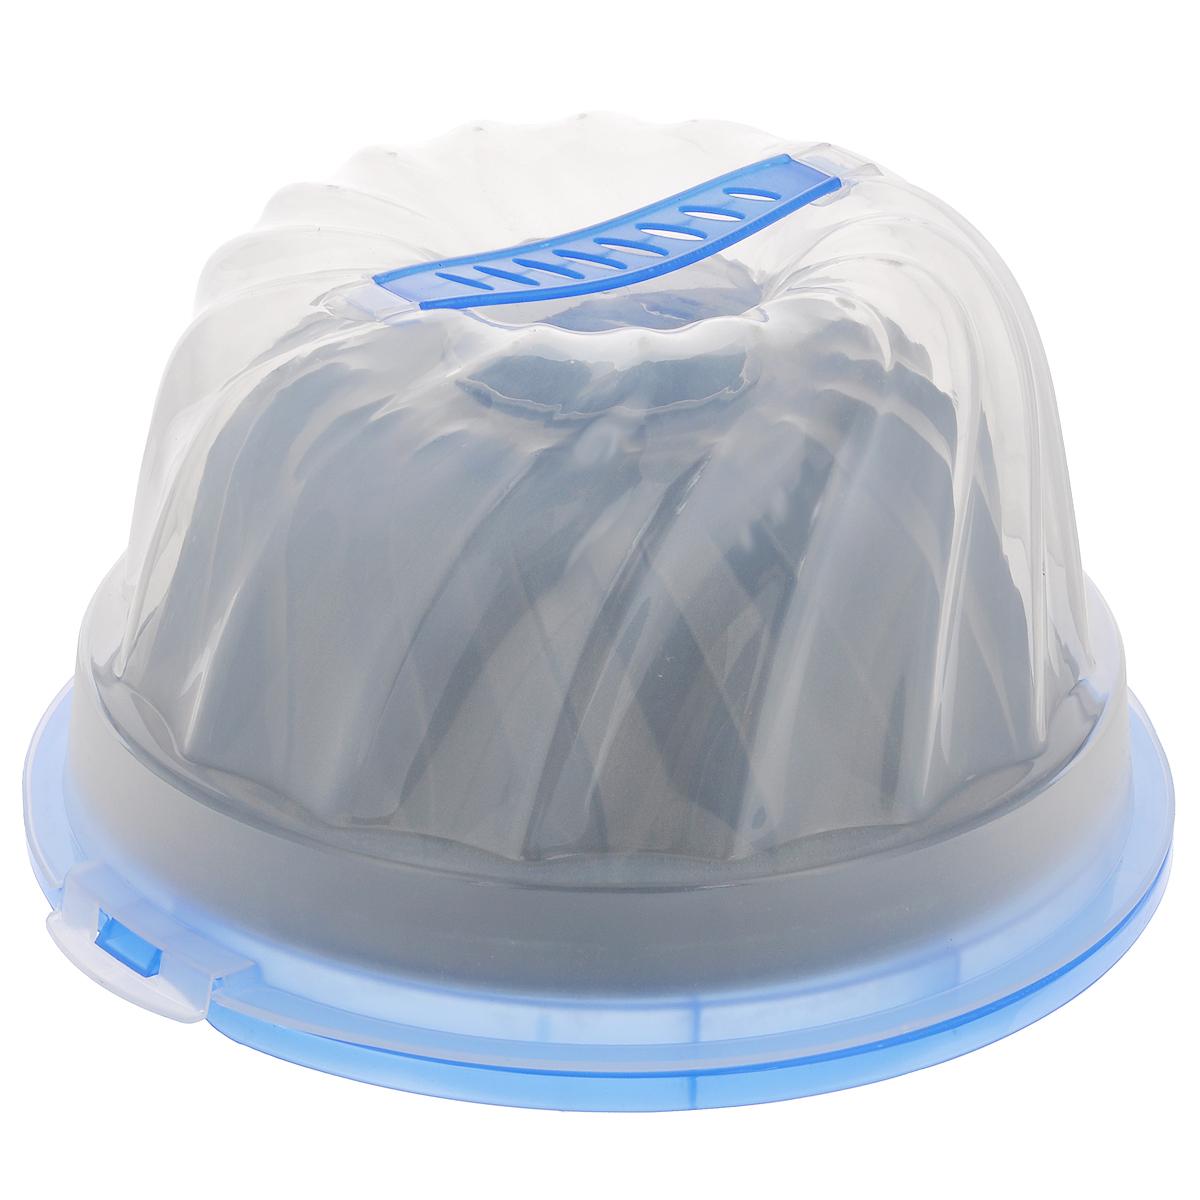 Форма для пирога Mayer & Boch, с антипригарным покрытием, с контейнером, диаметр 25 см3913Форма для пирога Mayer & Boch изготовлена из высококачественной углеродистой стали с внутренним антипригарным покрытием. Такое покрытие препятствует пригоранию, обеспечивает легкую очистку изделия и исключает необходимость использования большого количества масла, что способствует приготовлению здоровой пищи с пониженной калорийностью. Стенки изделия рельефные, что придает выпечке аппетитный внешний вид. Выпечка легко извлекается из противня. Форма предназначена для приготовления кексов и пирогов. В комплекте - пластиковый контейнер с крышкой, который позволит взять приготовленную выпечку с собой на пикник. Контейнер оснащен удобной ручкой. С такой формой вы всегда сможете порадовать своих близких оригинальной выпечкой. Форма подходит для использования в духовом шкафу. Нельзя мыть в посудомоечной машине.